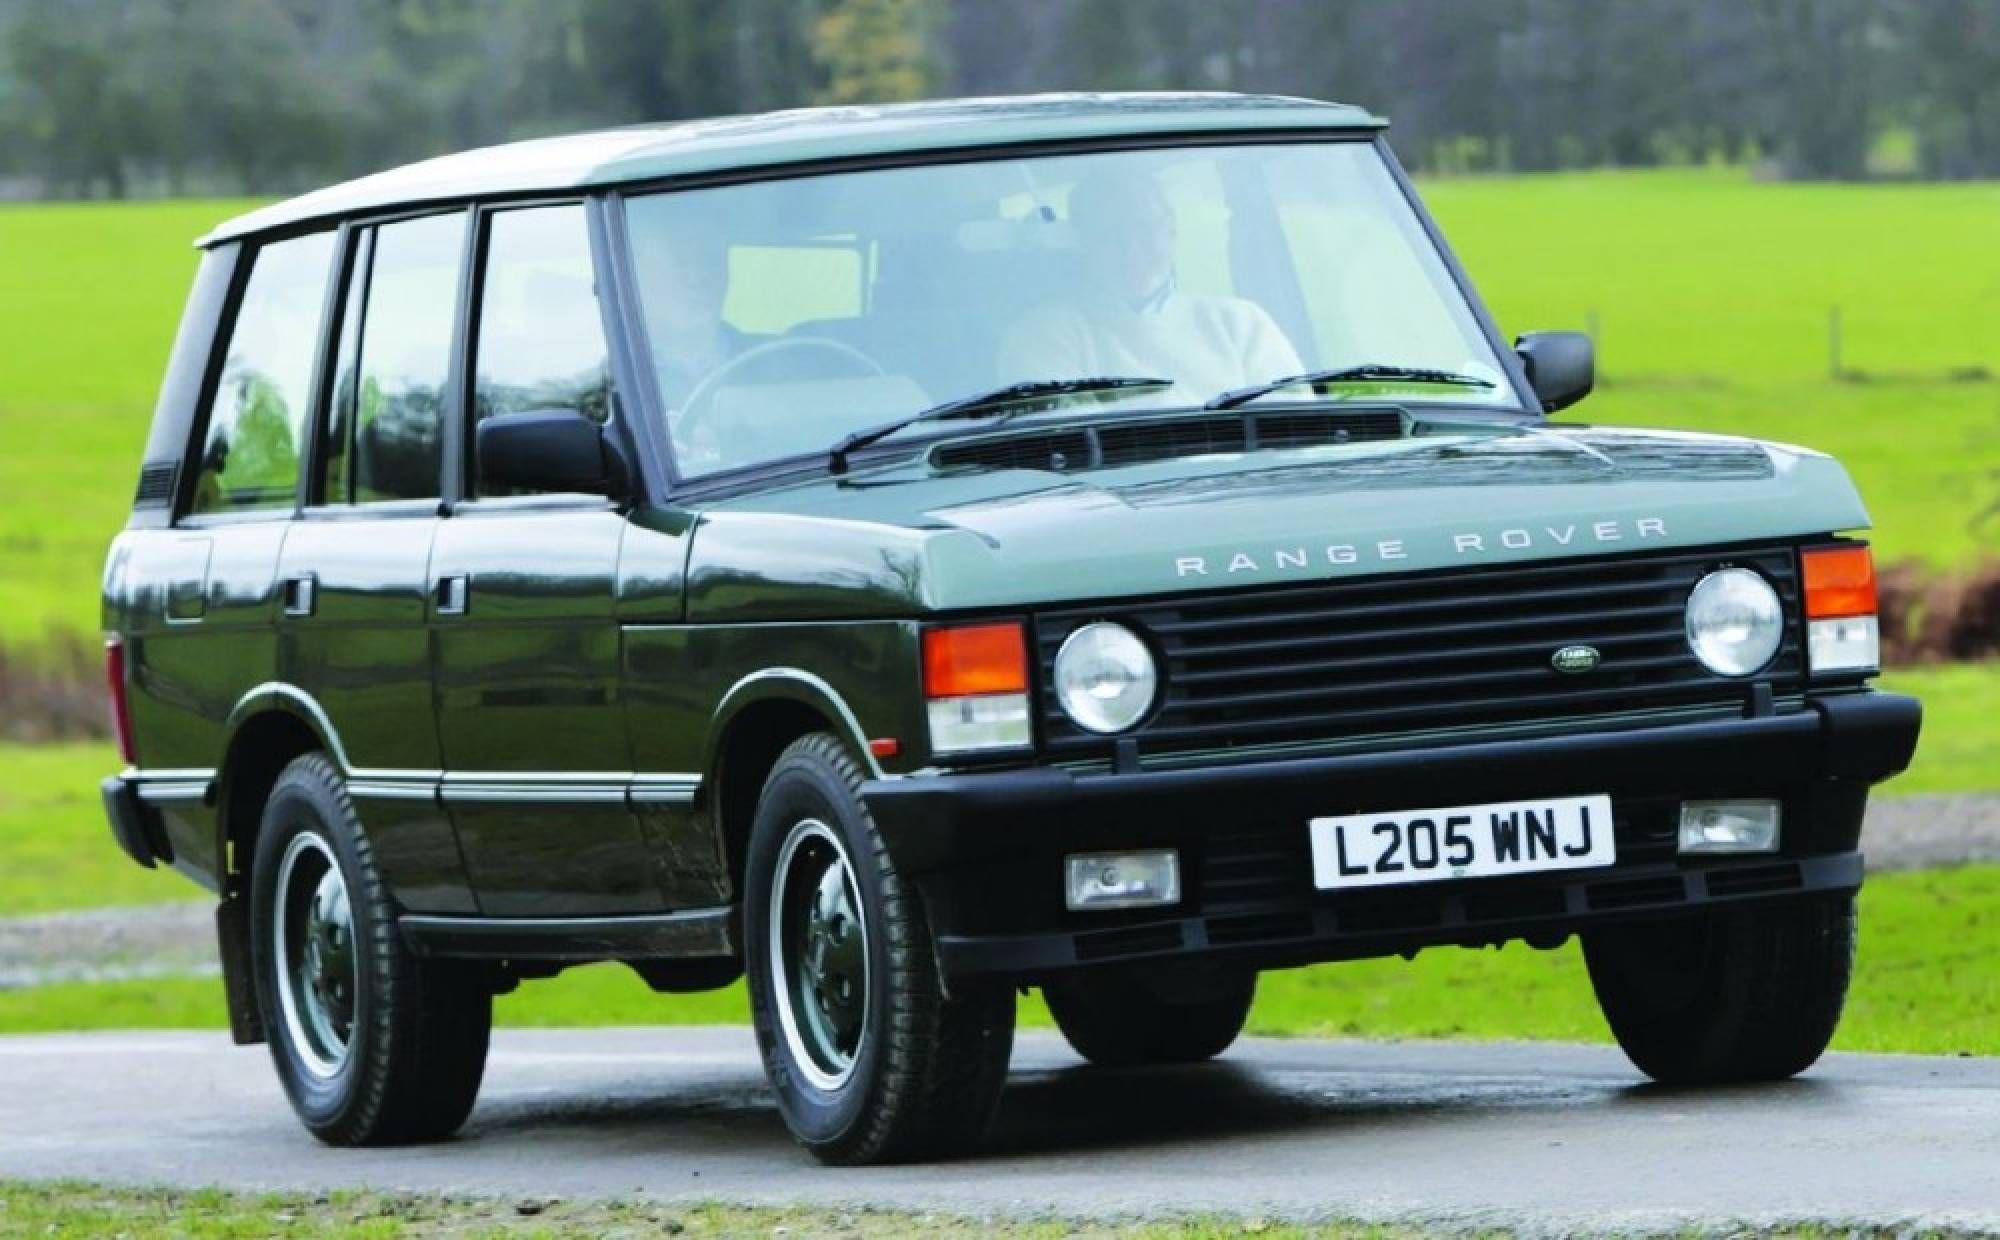 Photo Courtesy: Photography Courtesy of Range Rover Upwardly Mobile